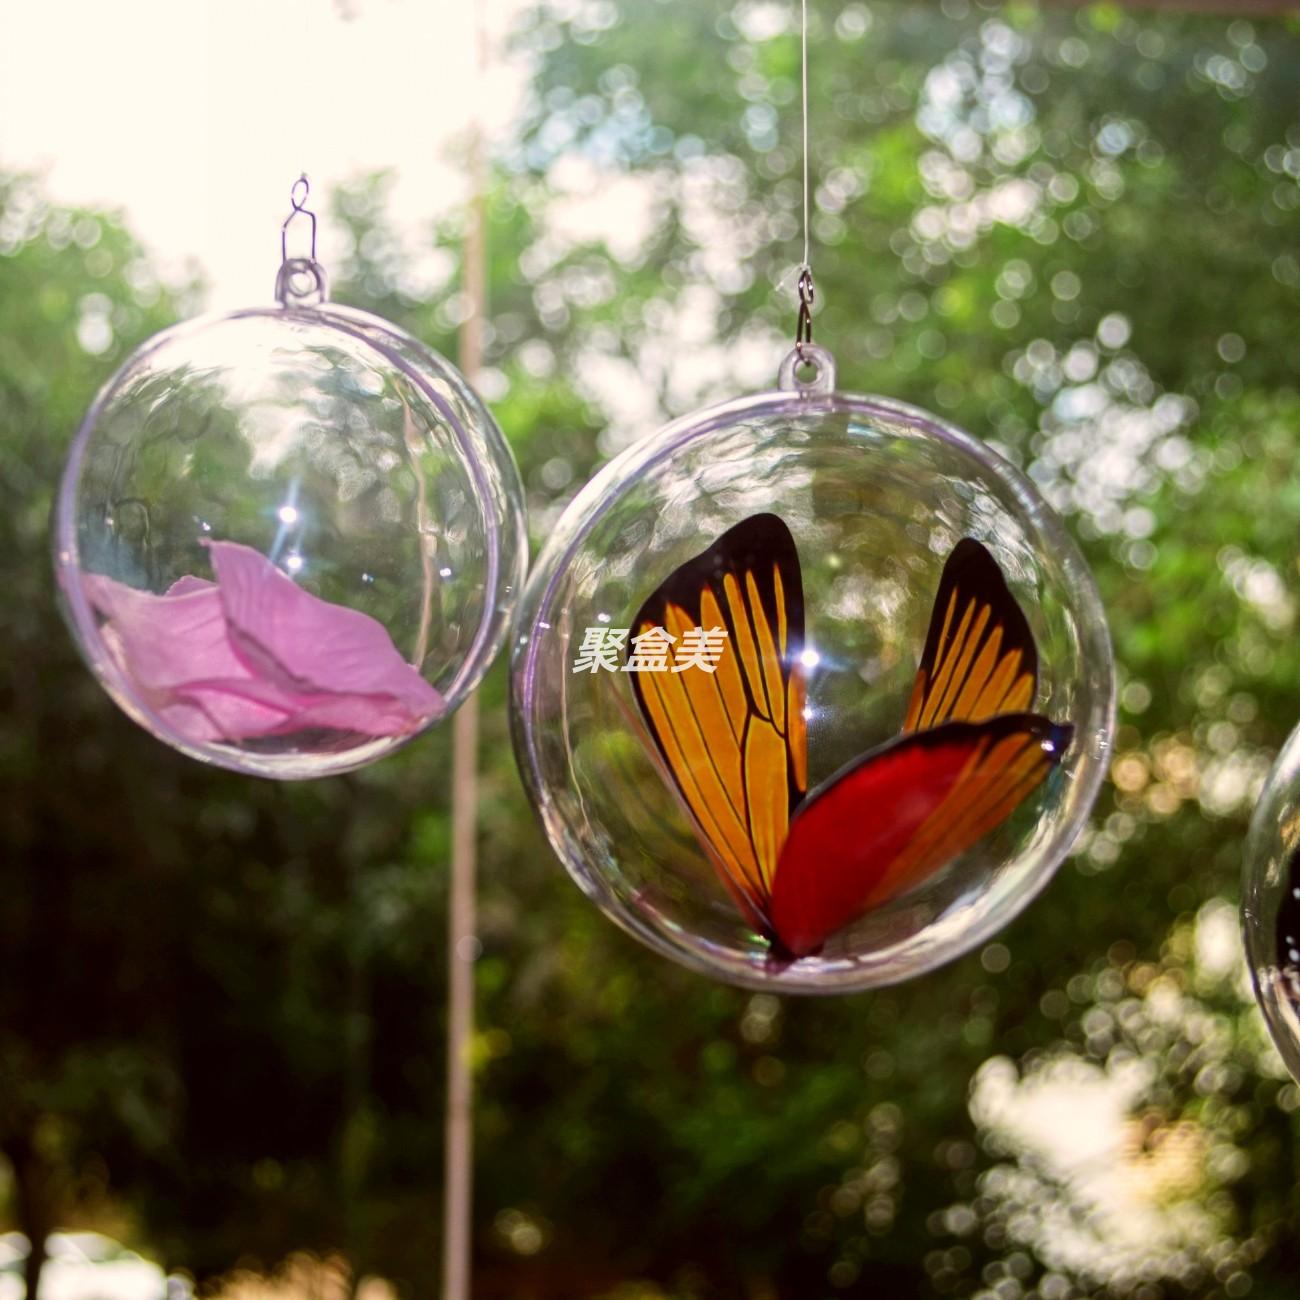 Bolas de navidad de cristal bolas de navidad de cristal for Bolas de cristal decorativas